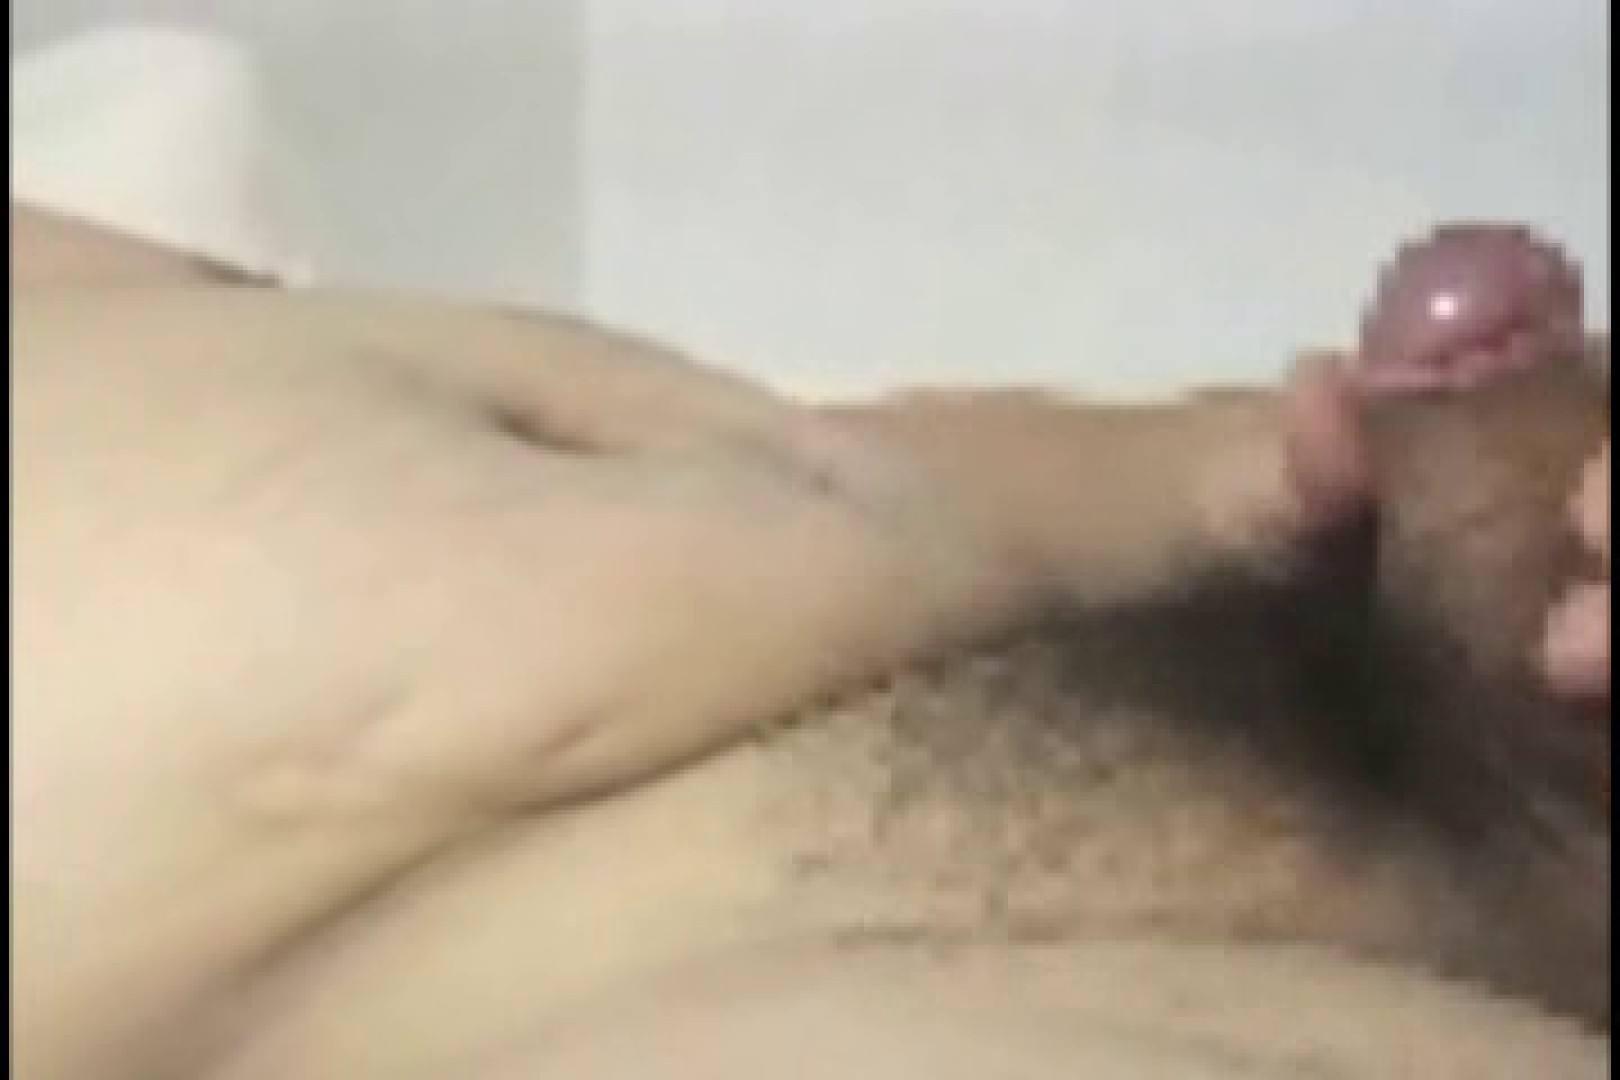 ハゲ旦那のオナニー3連発! 発射映像 ゲイアダルトビデオ紹介 76枚 11